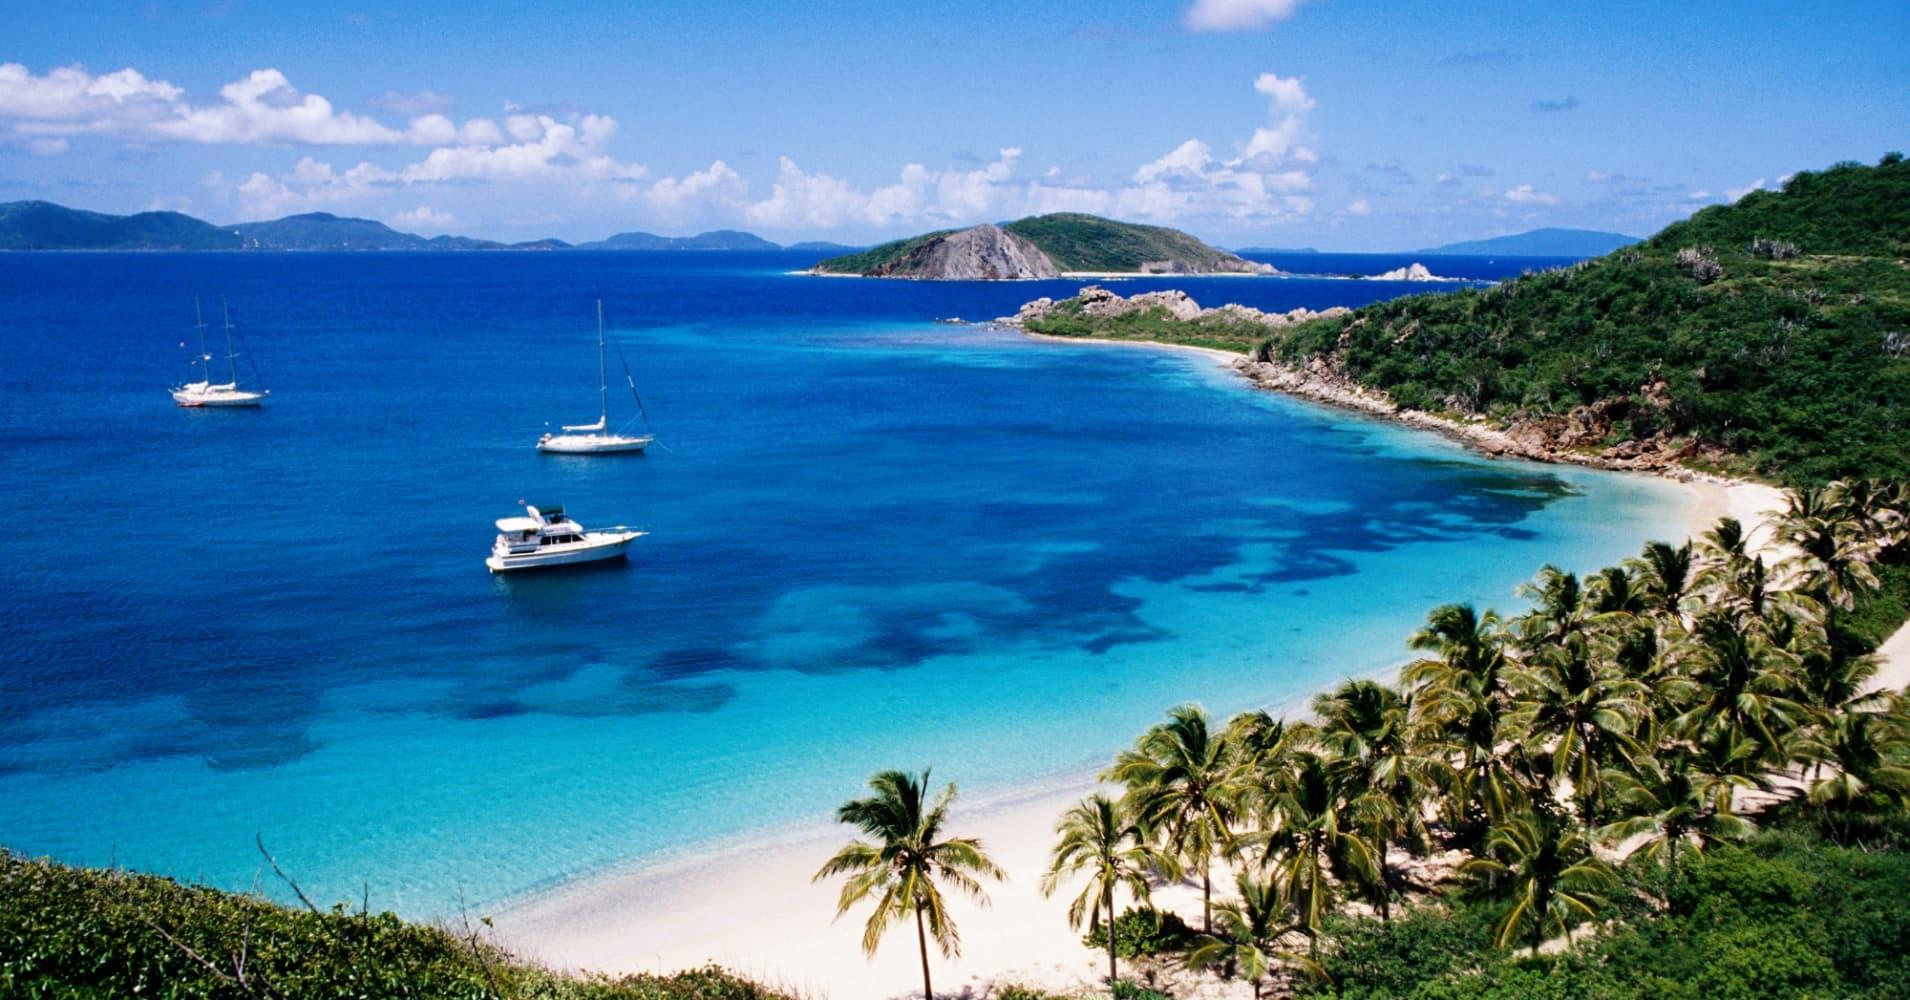 Virgin Gorda, Virgin Gorda, British Virgin Islands, Caribbean